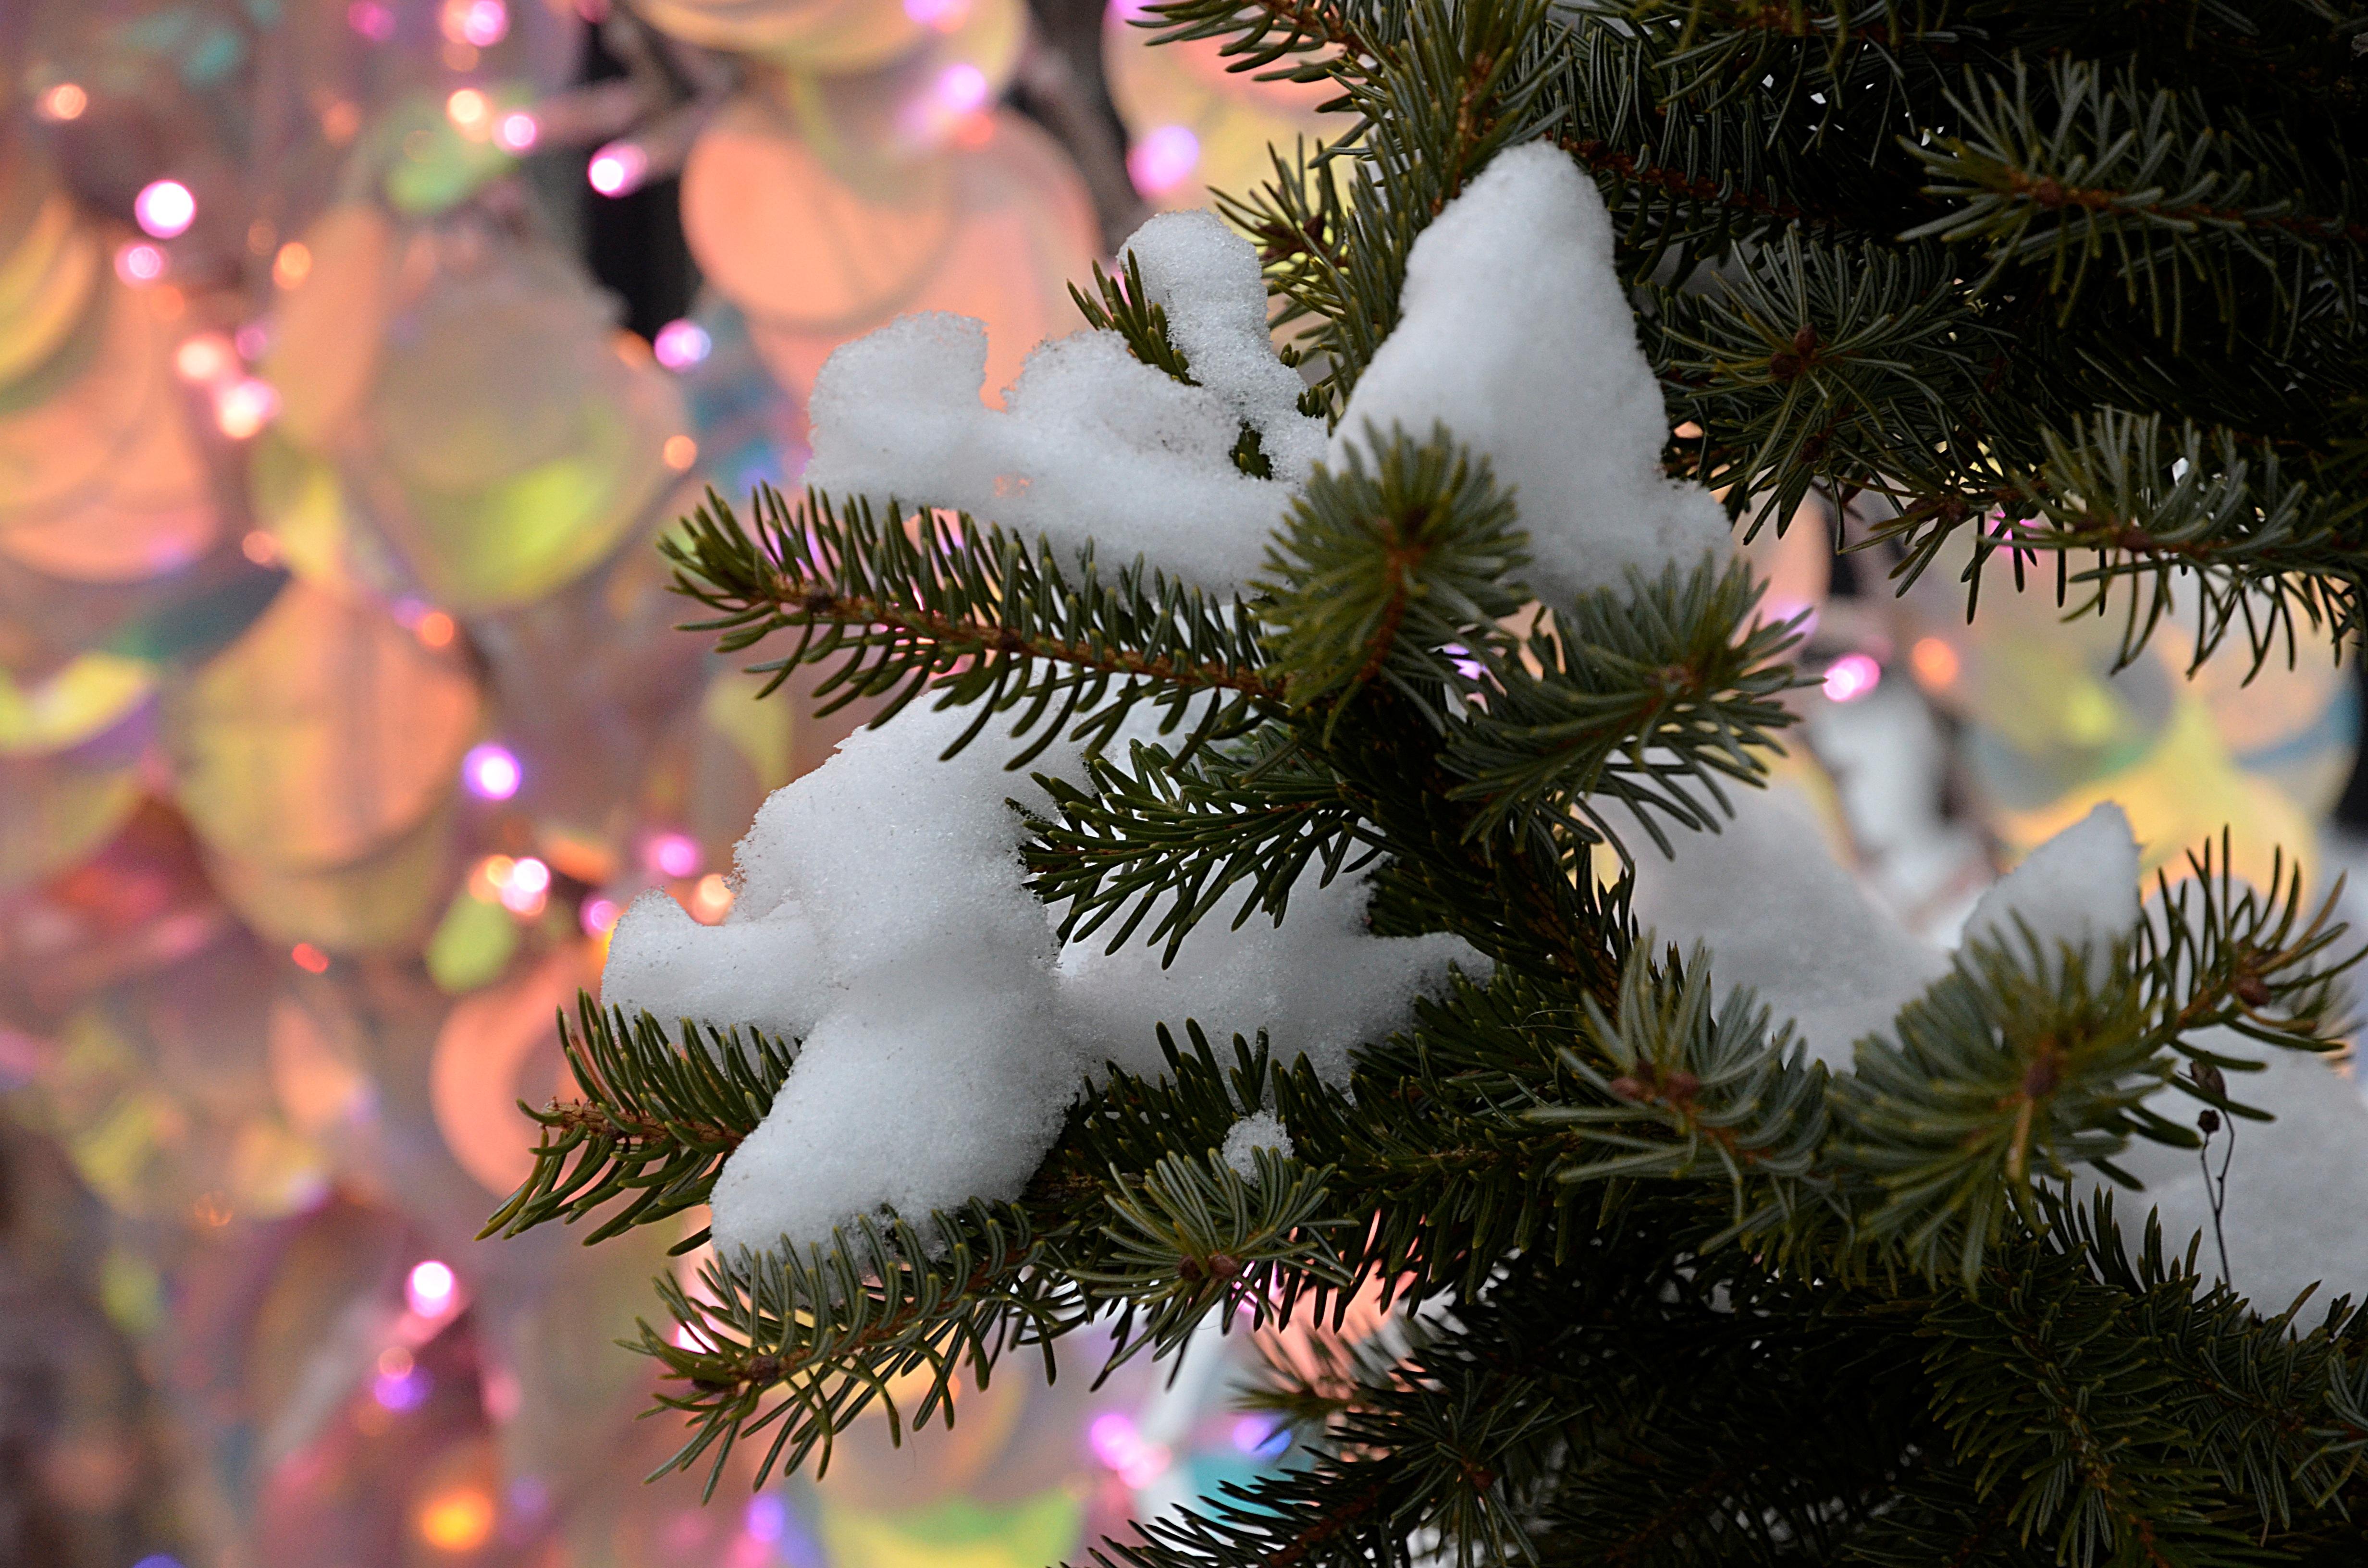 Синоптики рассказали о погоде в столичном регионе 26 декабря. Фото: Анна Быкова